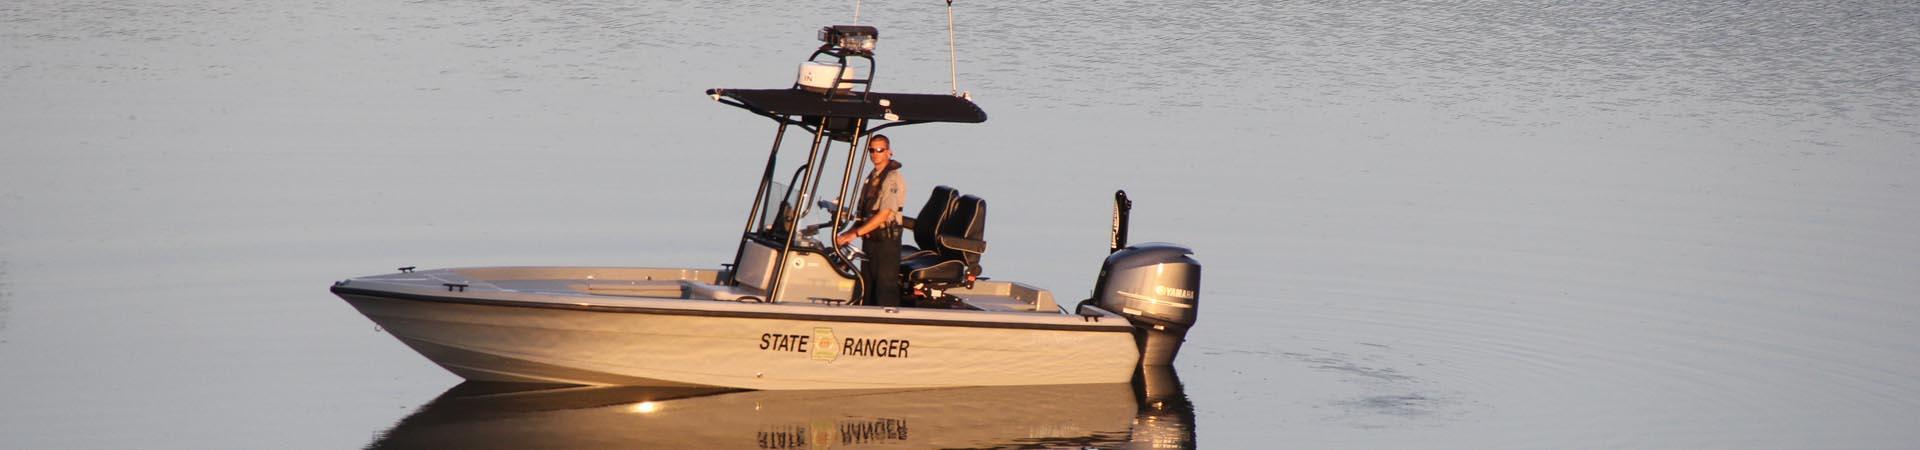 Boat patrol on Georgia waterways